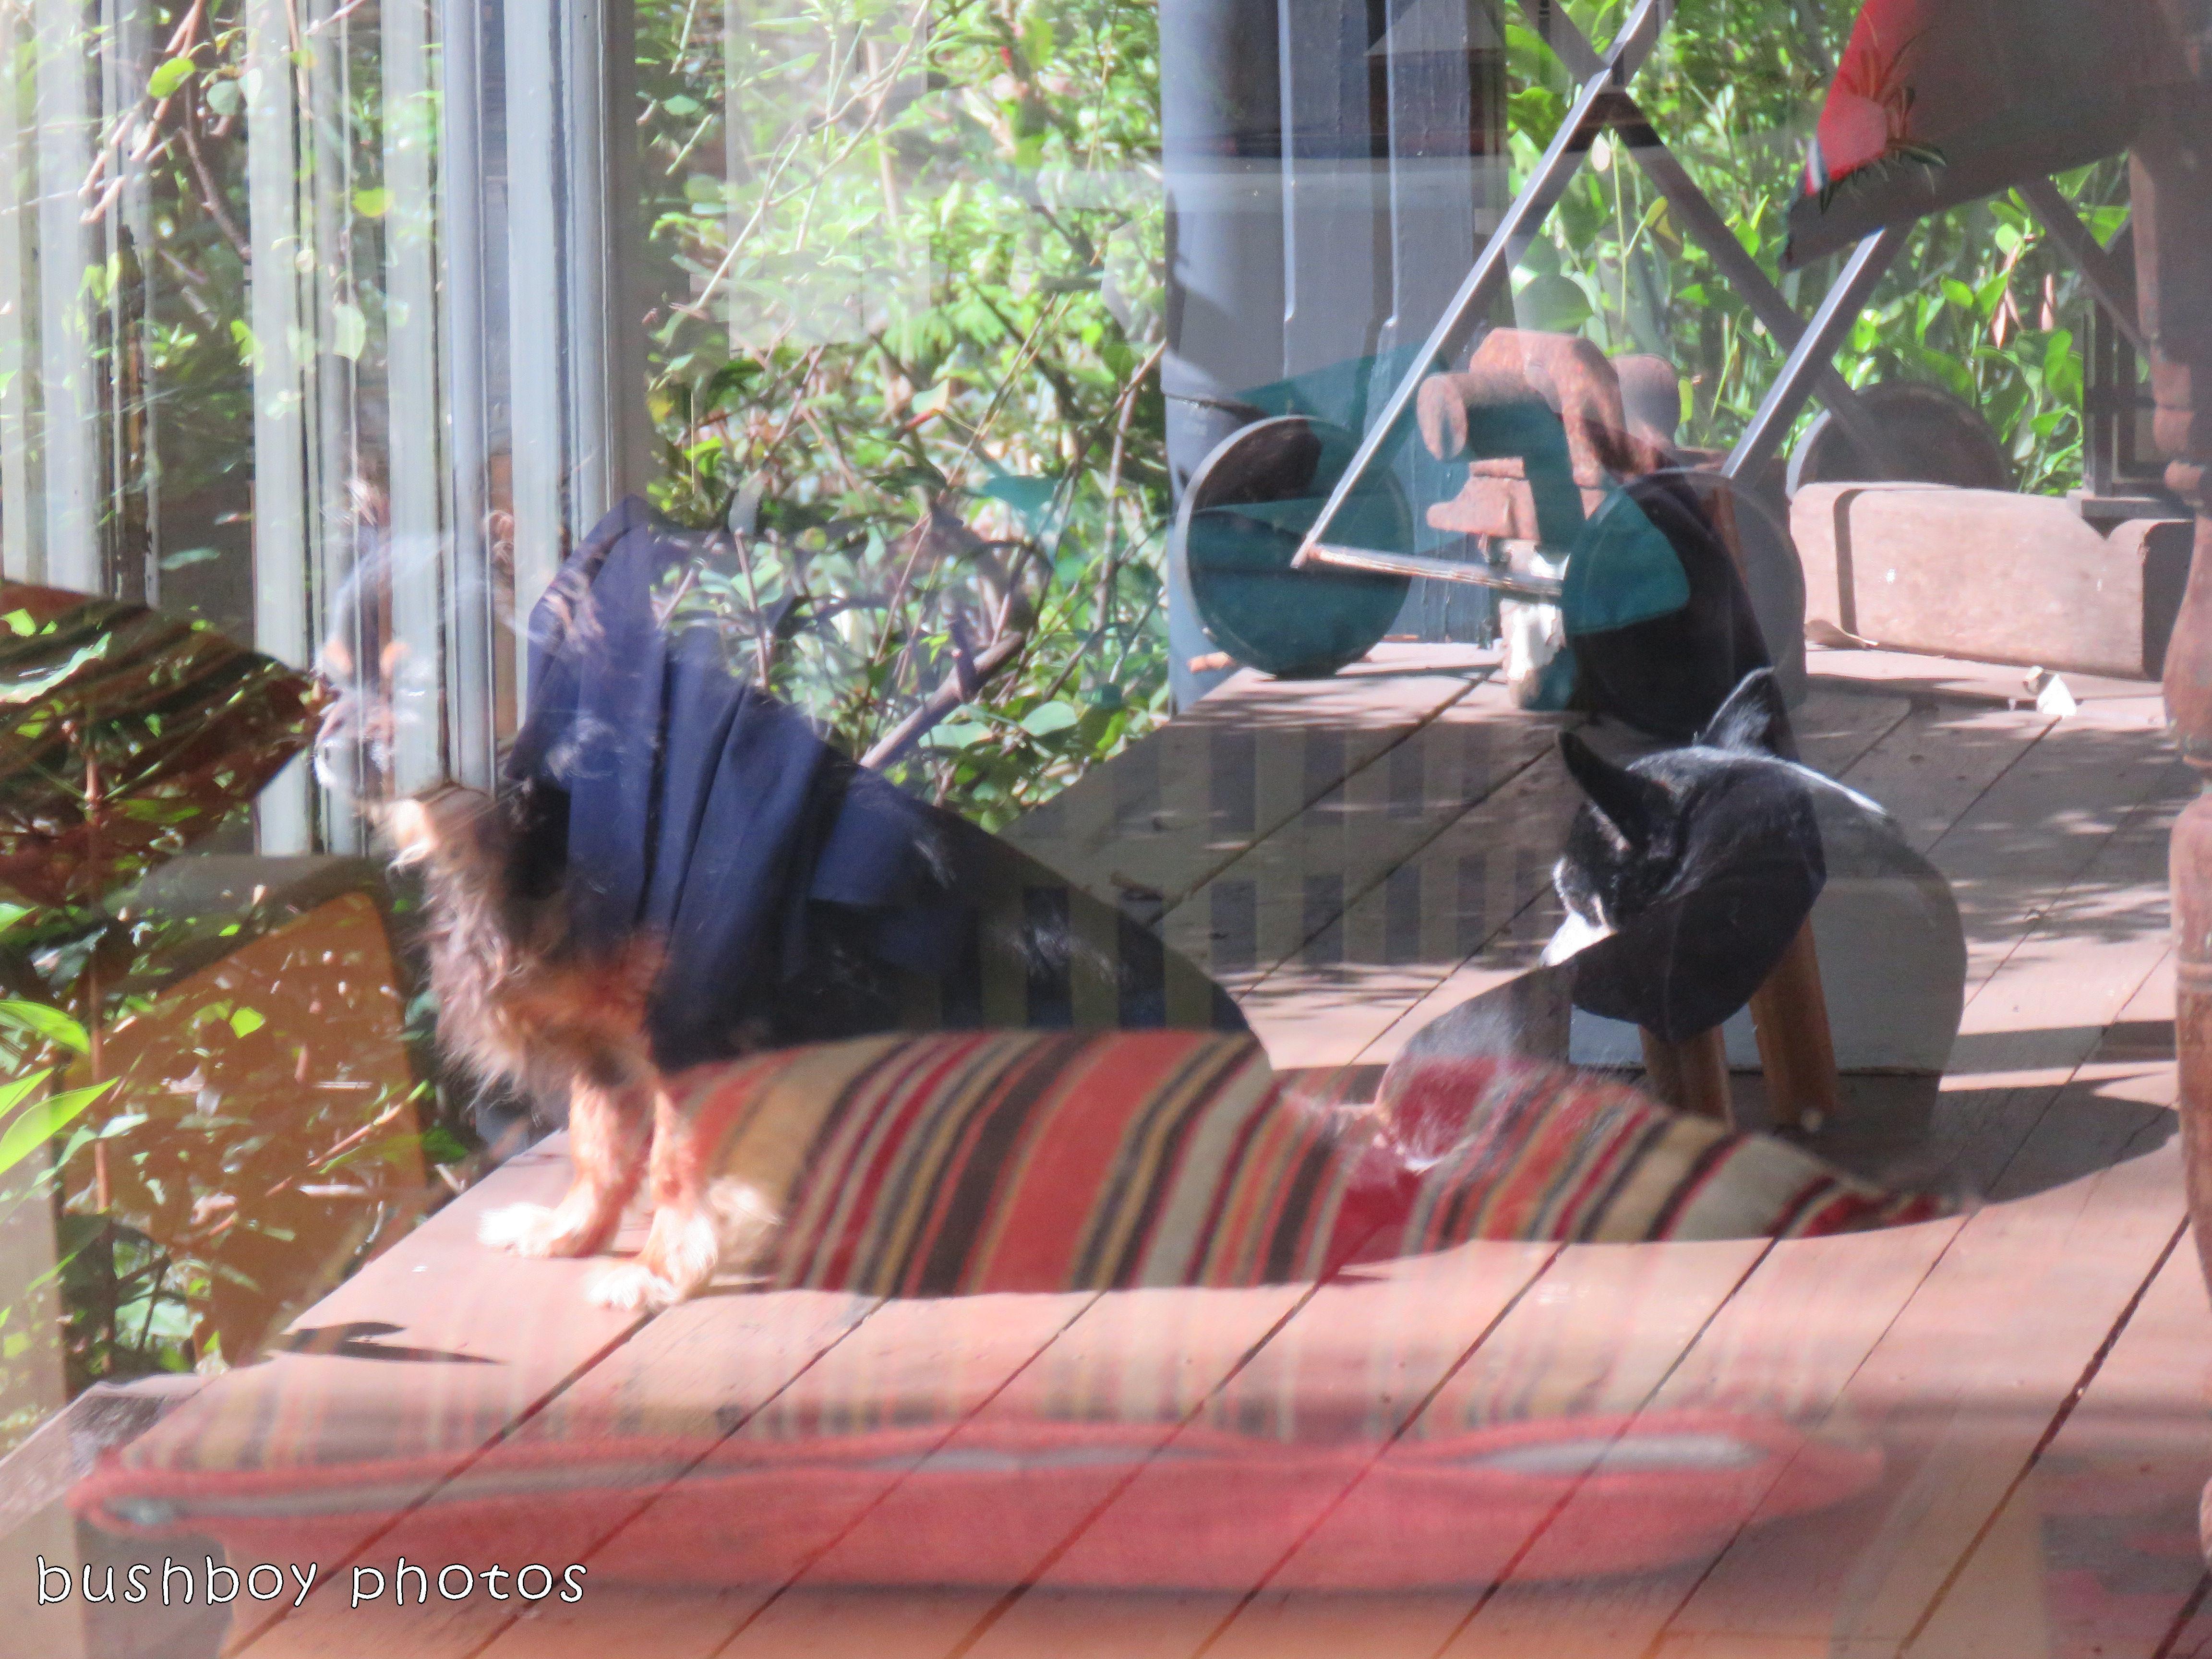 180228_odd ball_inside outside_dogs